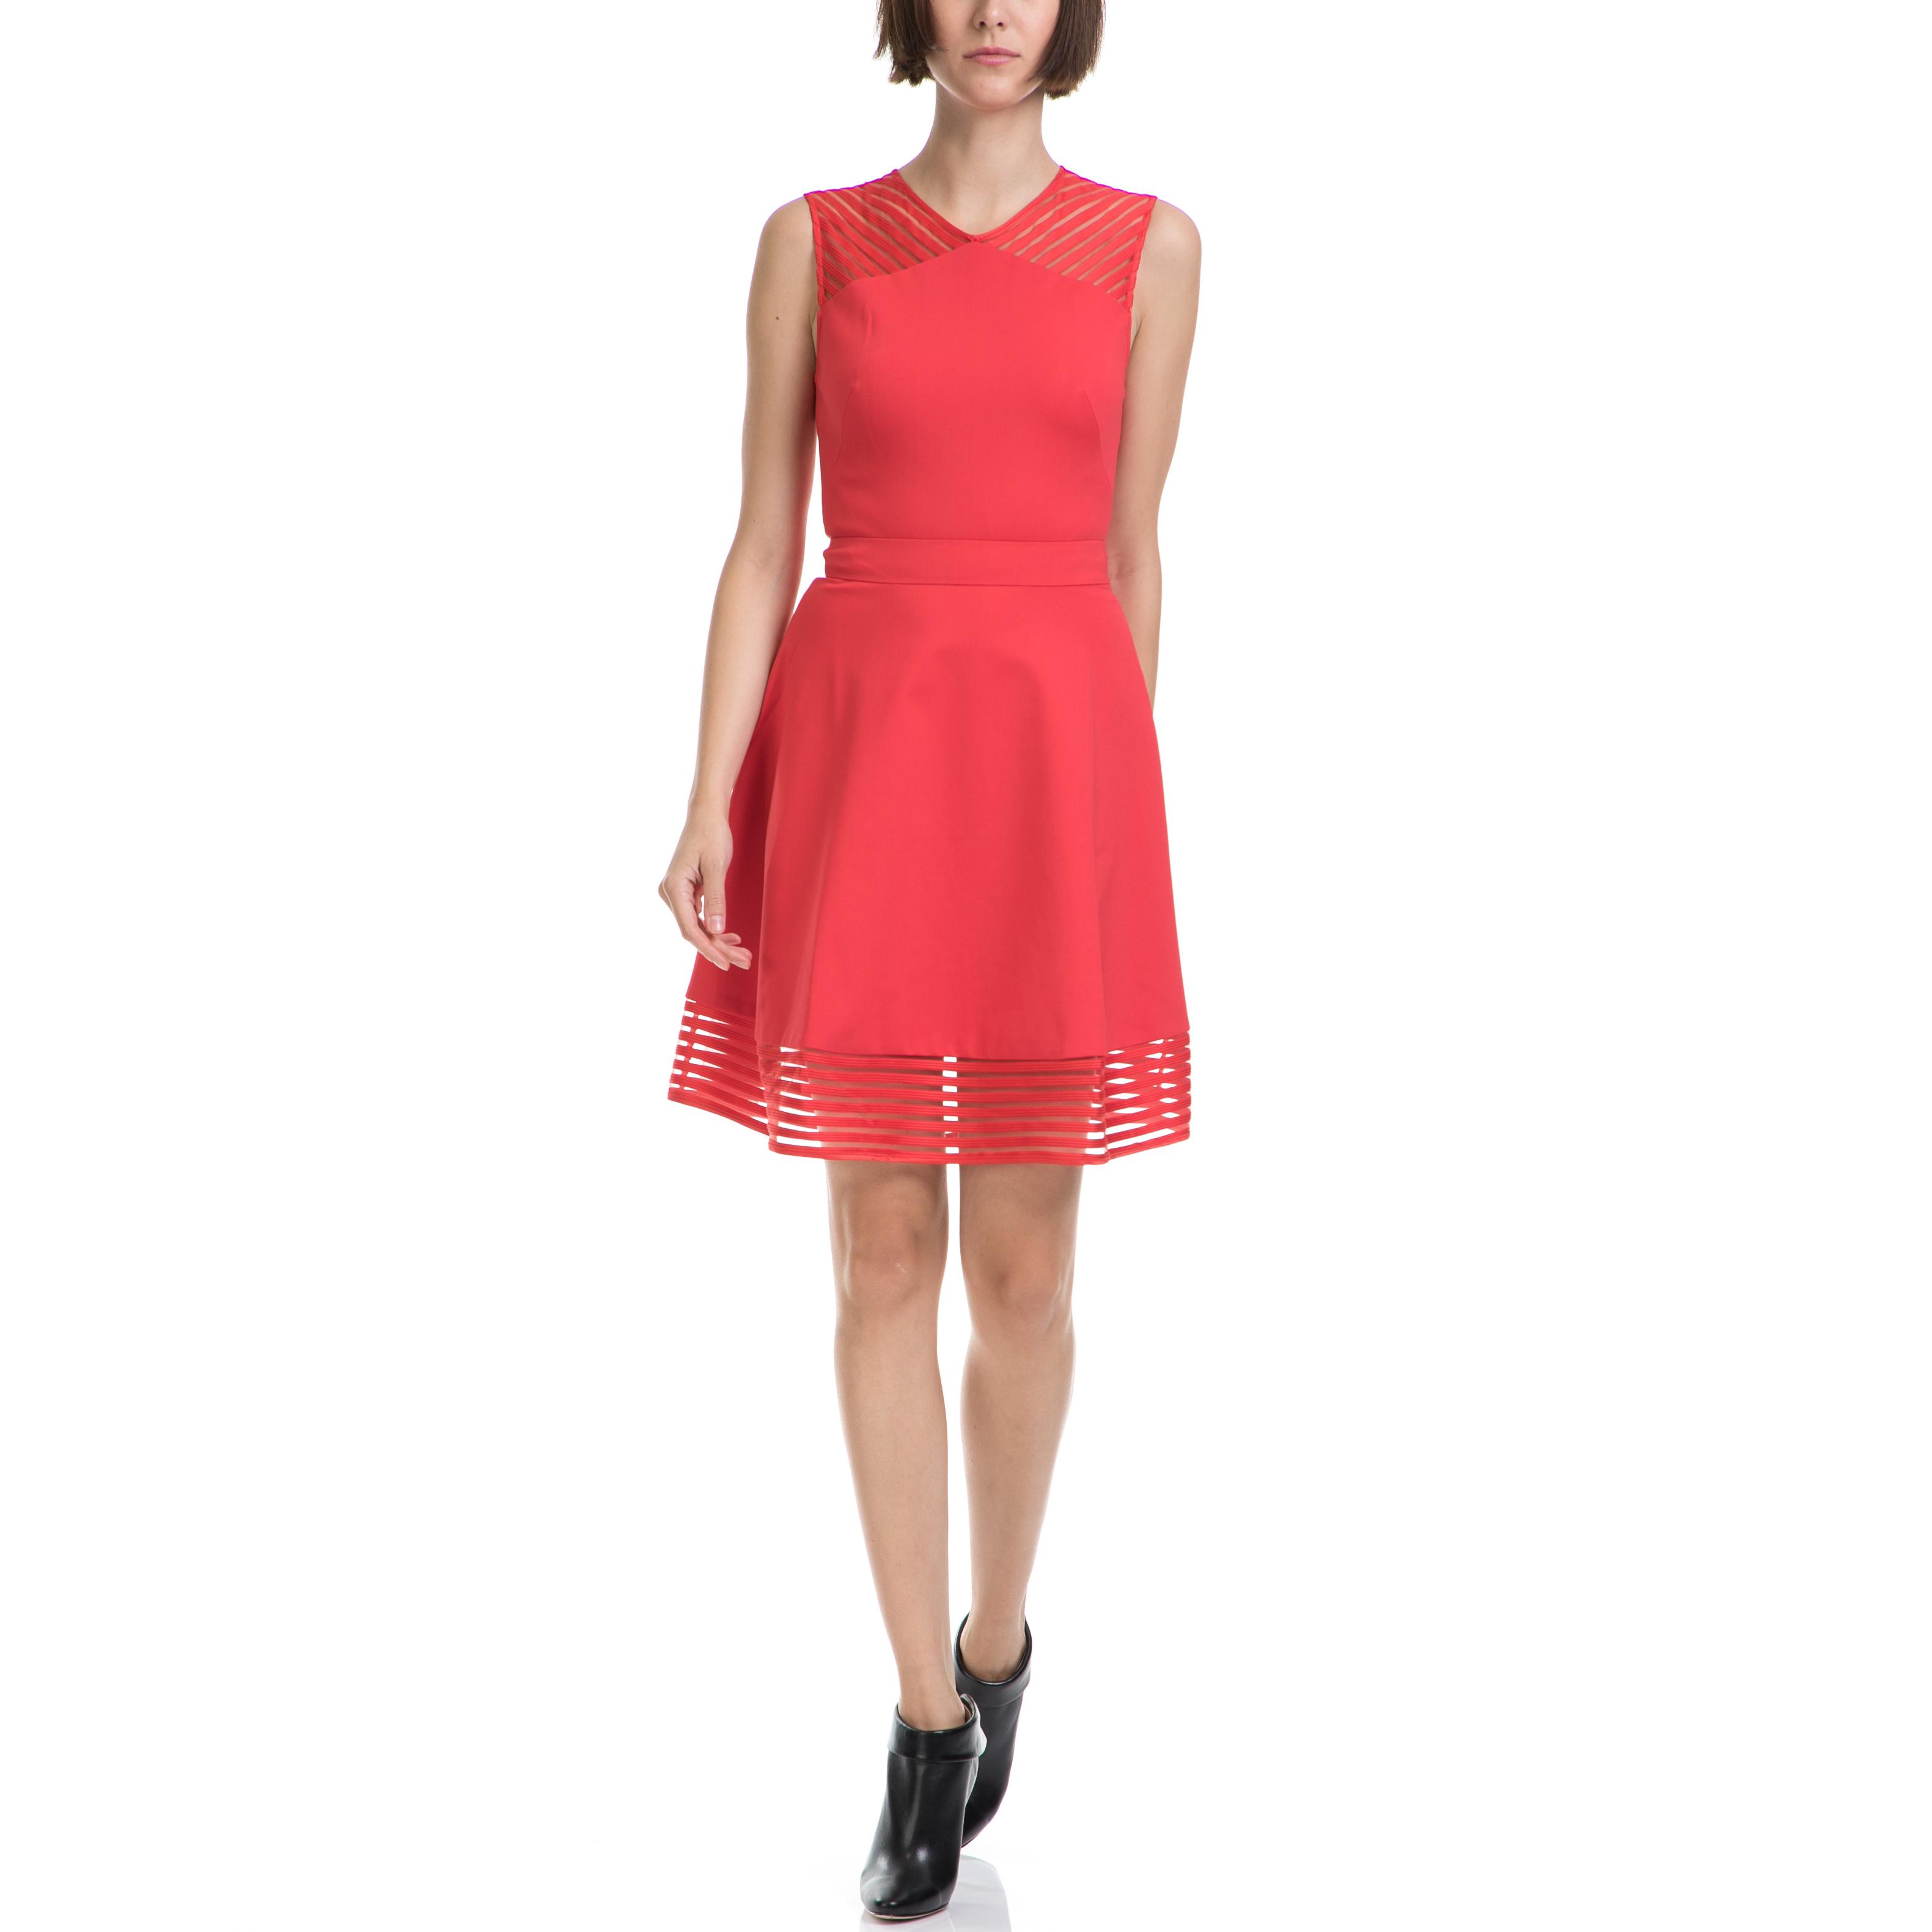 TED BAKER - Γυναικείο φόρεμα TED BAKER πορτοκαλί γυναικεία ρούχα φορέματα μίνι